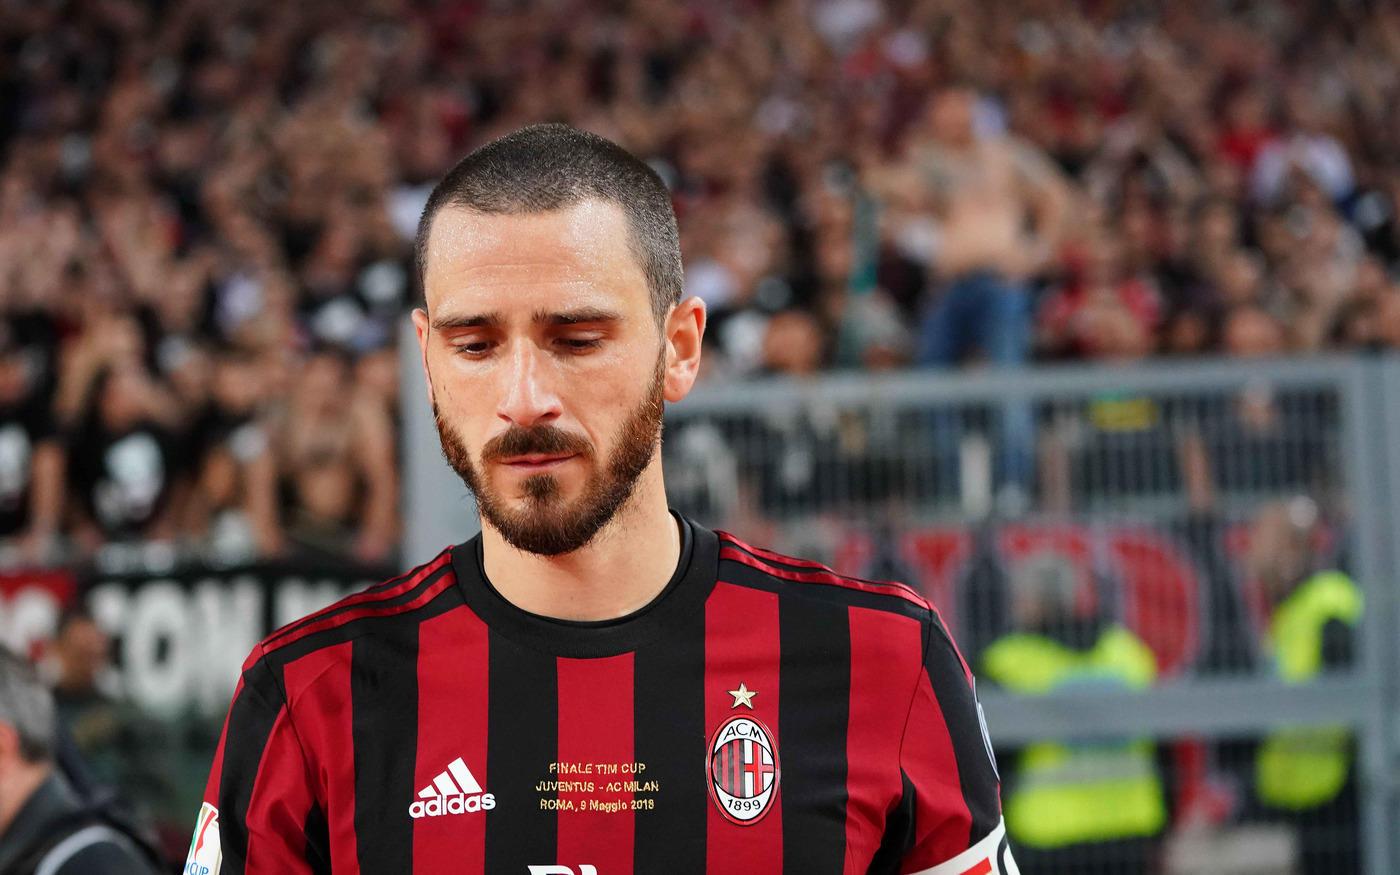 Leonardo Bonucci (Milan) - Nell'estate 2017 ha sbattuto la porta in faccia alla Juve per alcuni dissidi con Allegri. La stagione a Milano è stata con più ombre che luci prima del ritorno a Torino dopo solo una stagione.